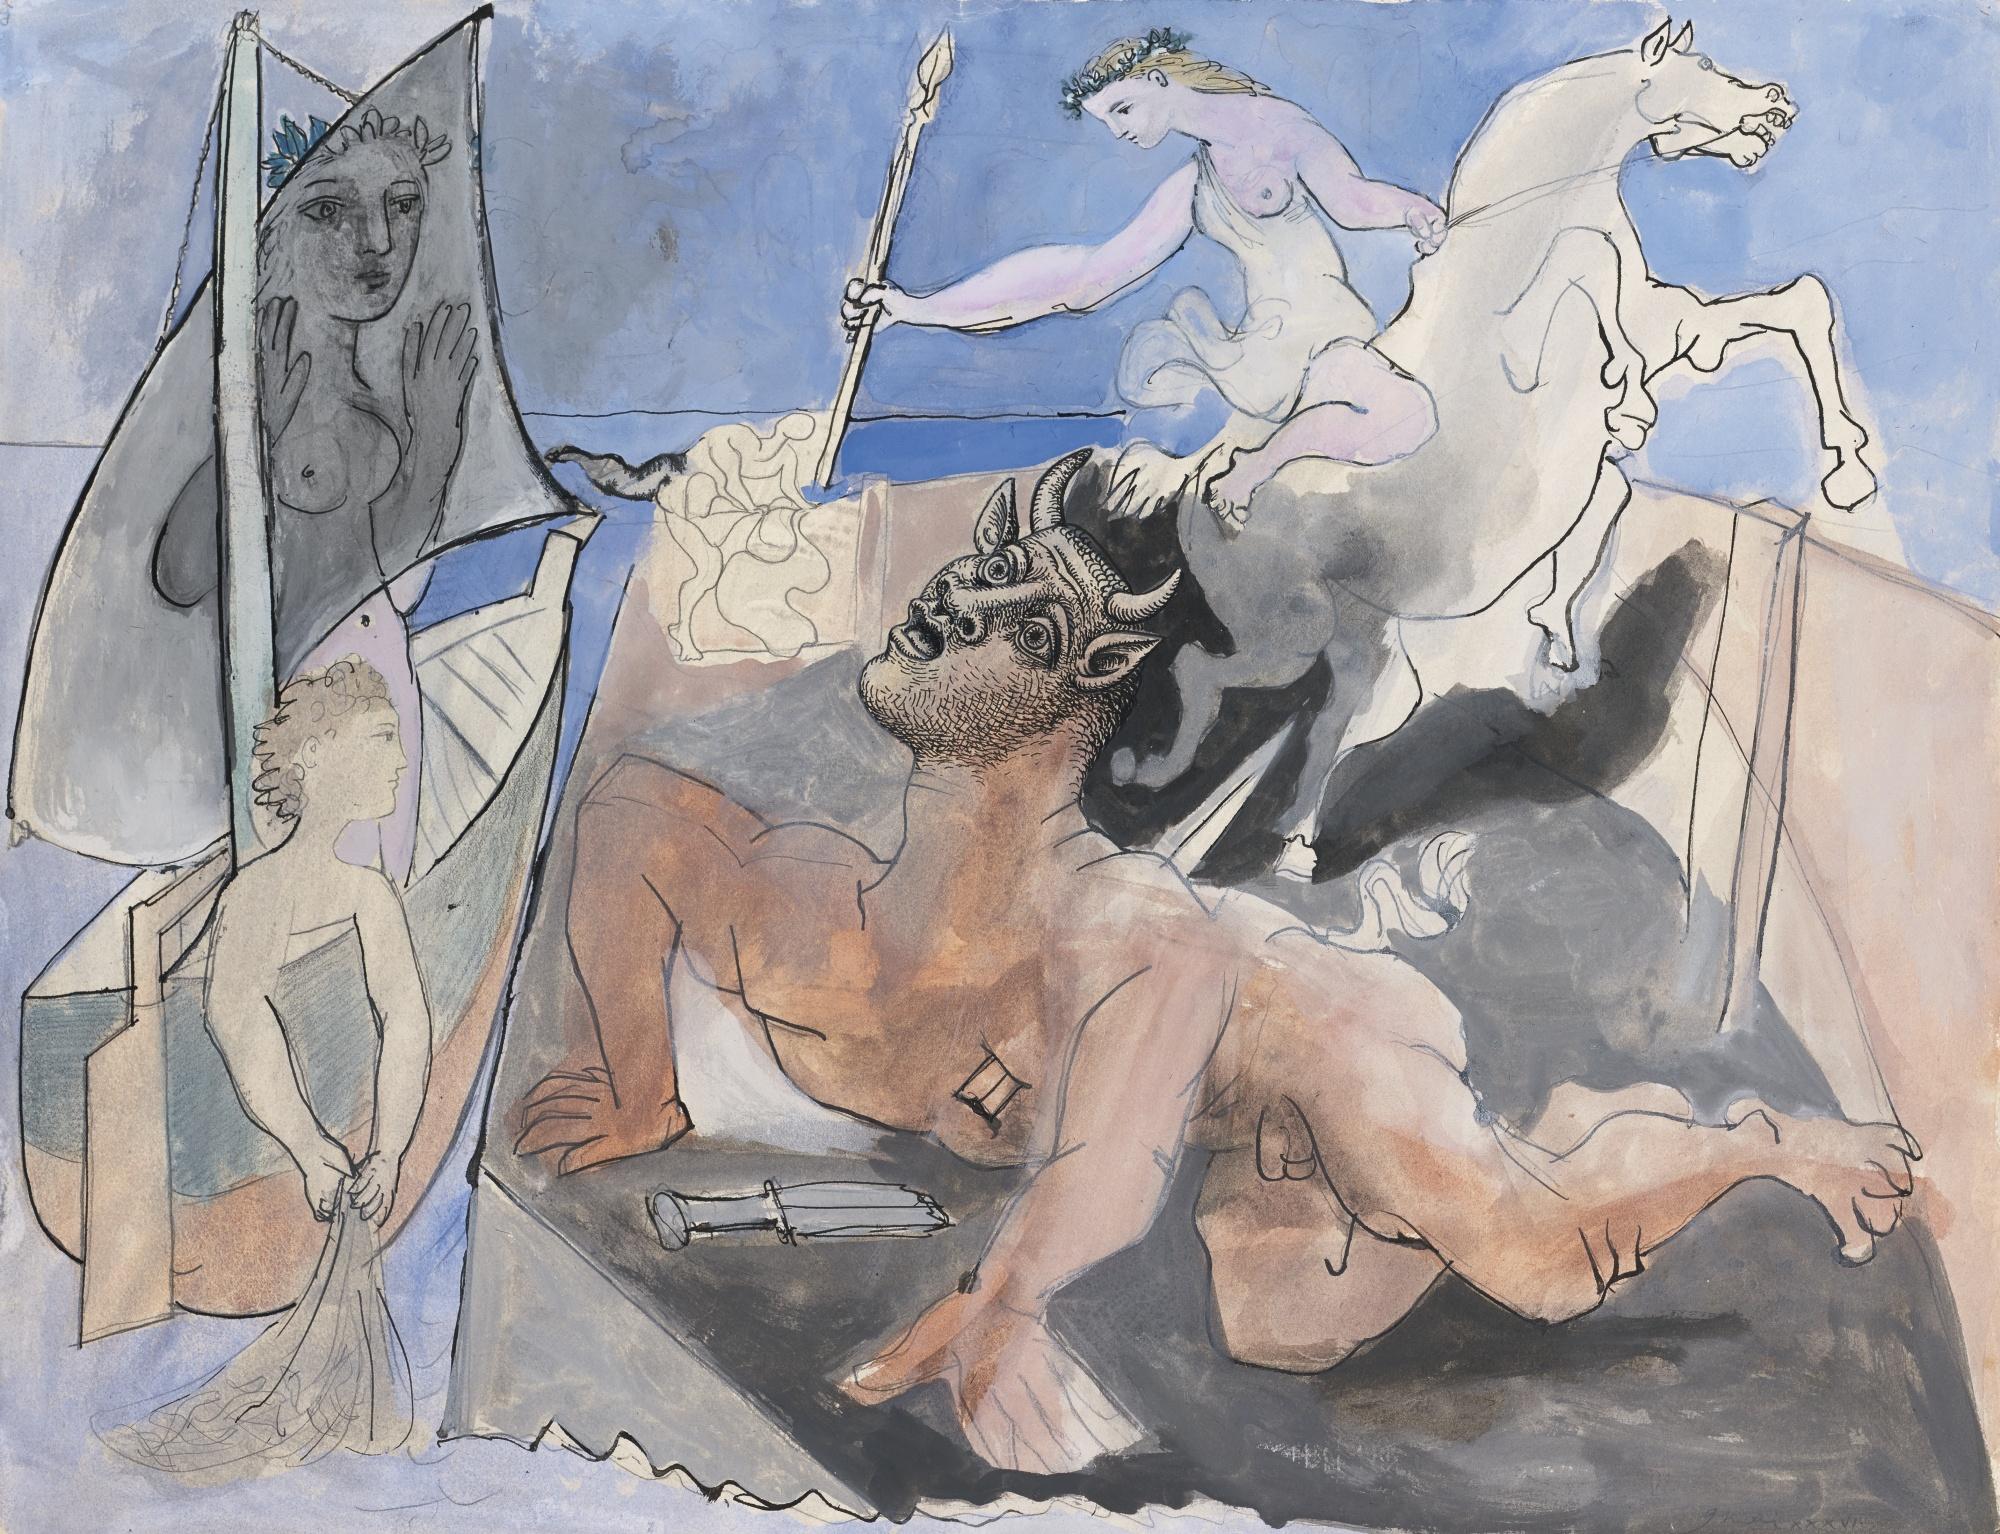 Pablo Picasso, Composition au Minotaure, 1936, źródło: Sotheby's